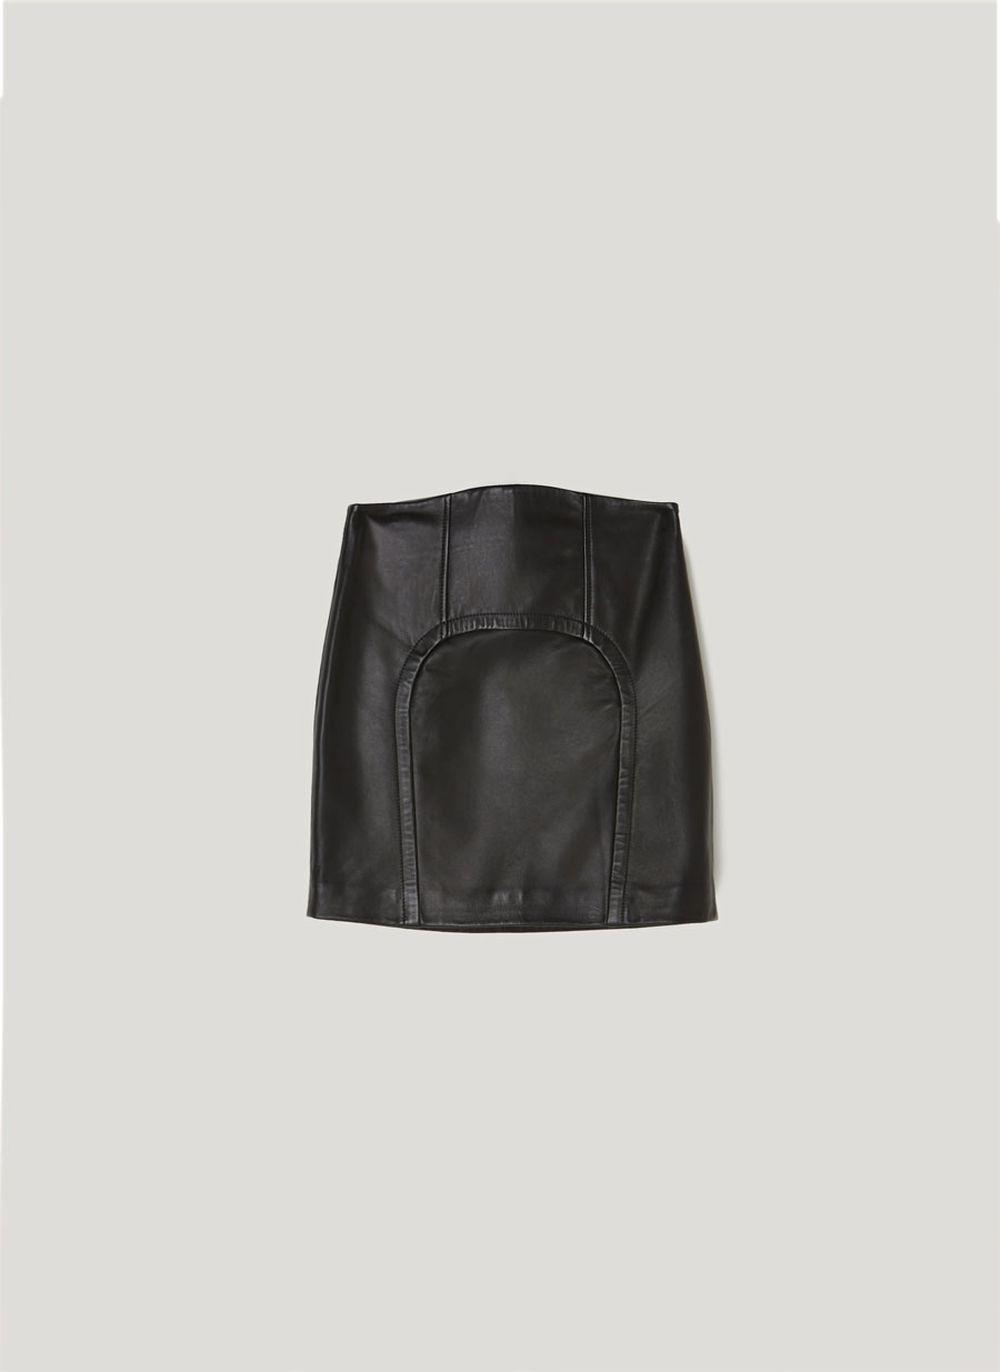 Minifalda de piel, Uterque (150 euros).